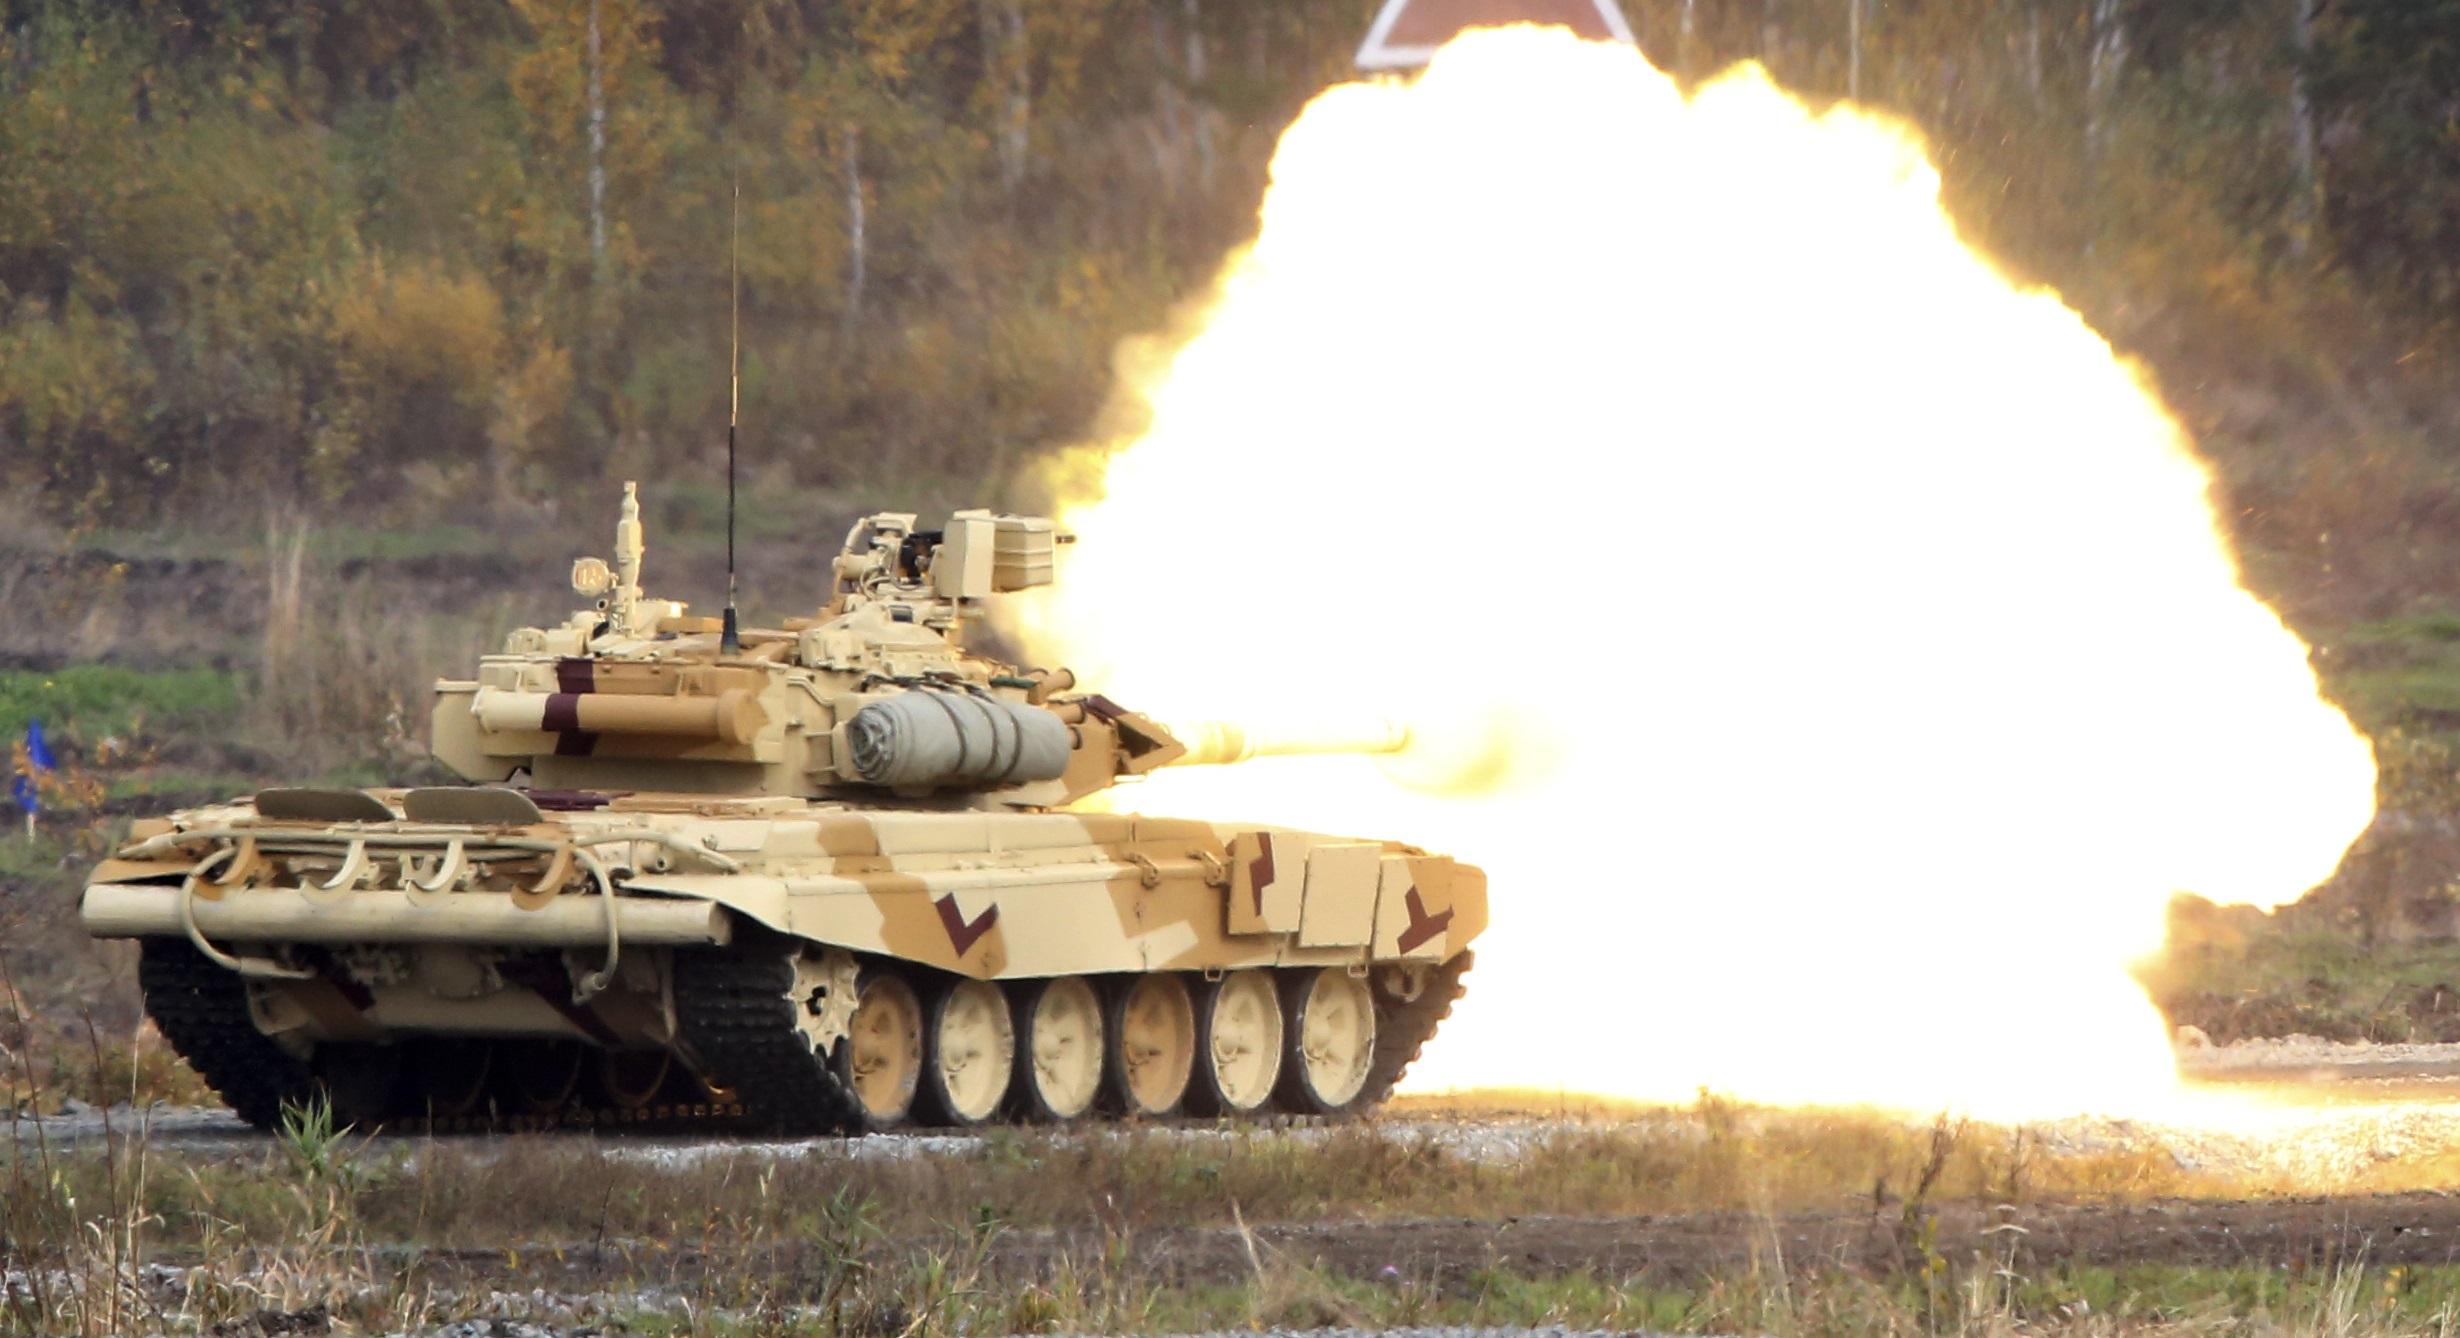 Armata vs Abrams Comparison Which One is Better